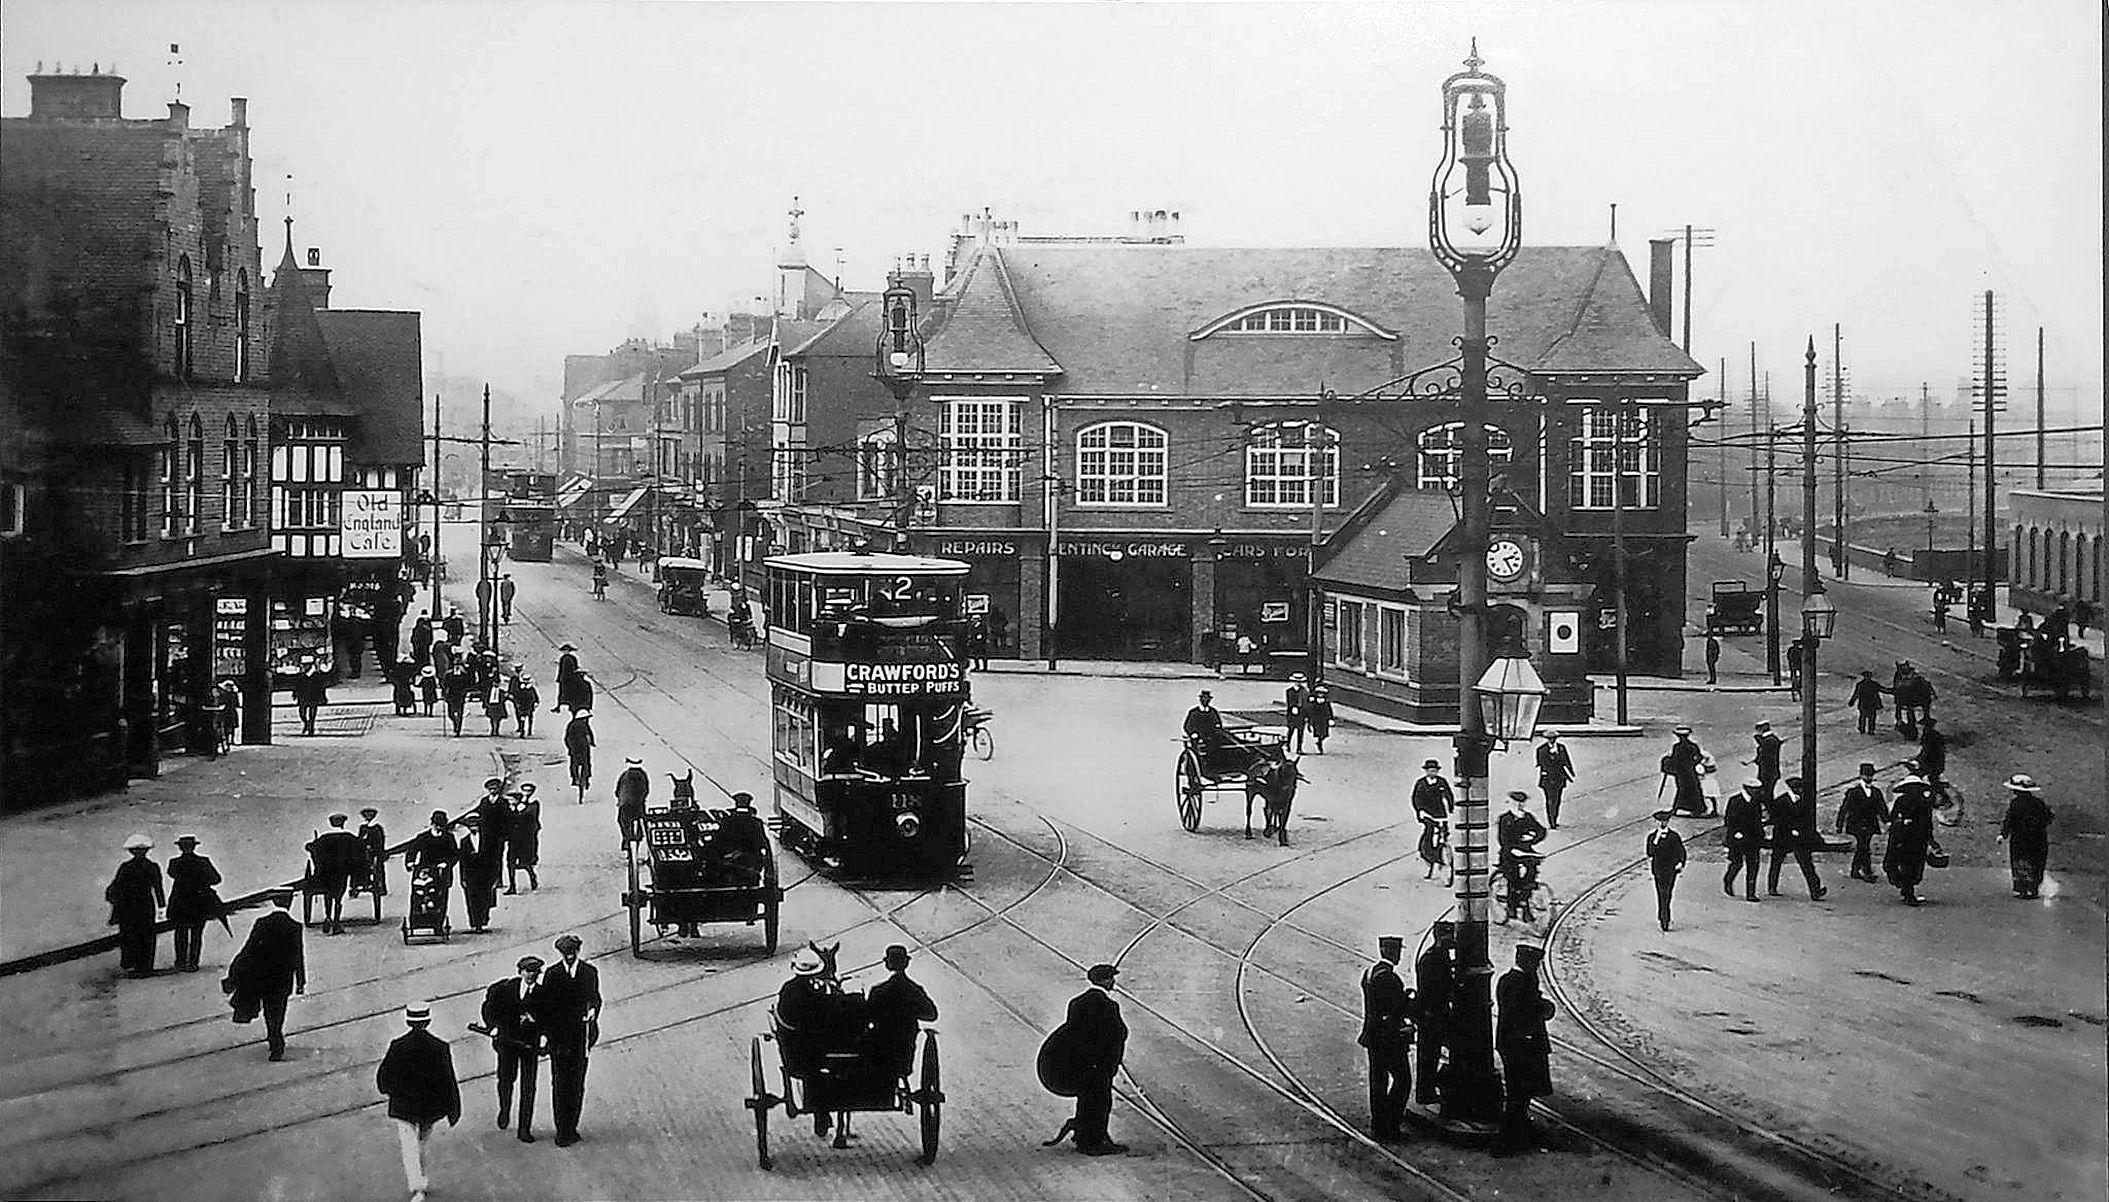 Arkwright Street and Trent Bridge tram terminus, Nottingham, c1920.